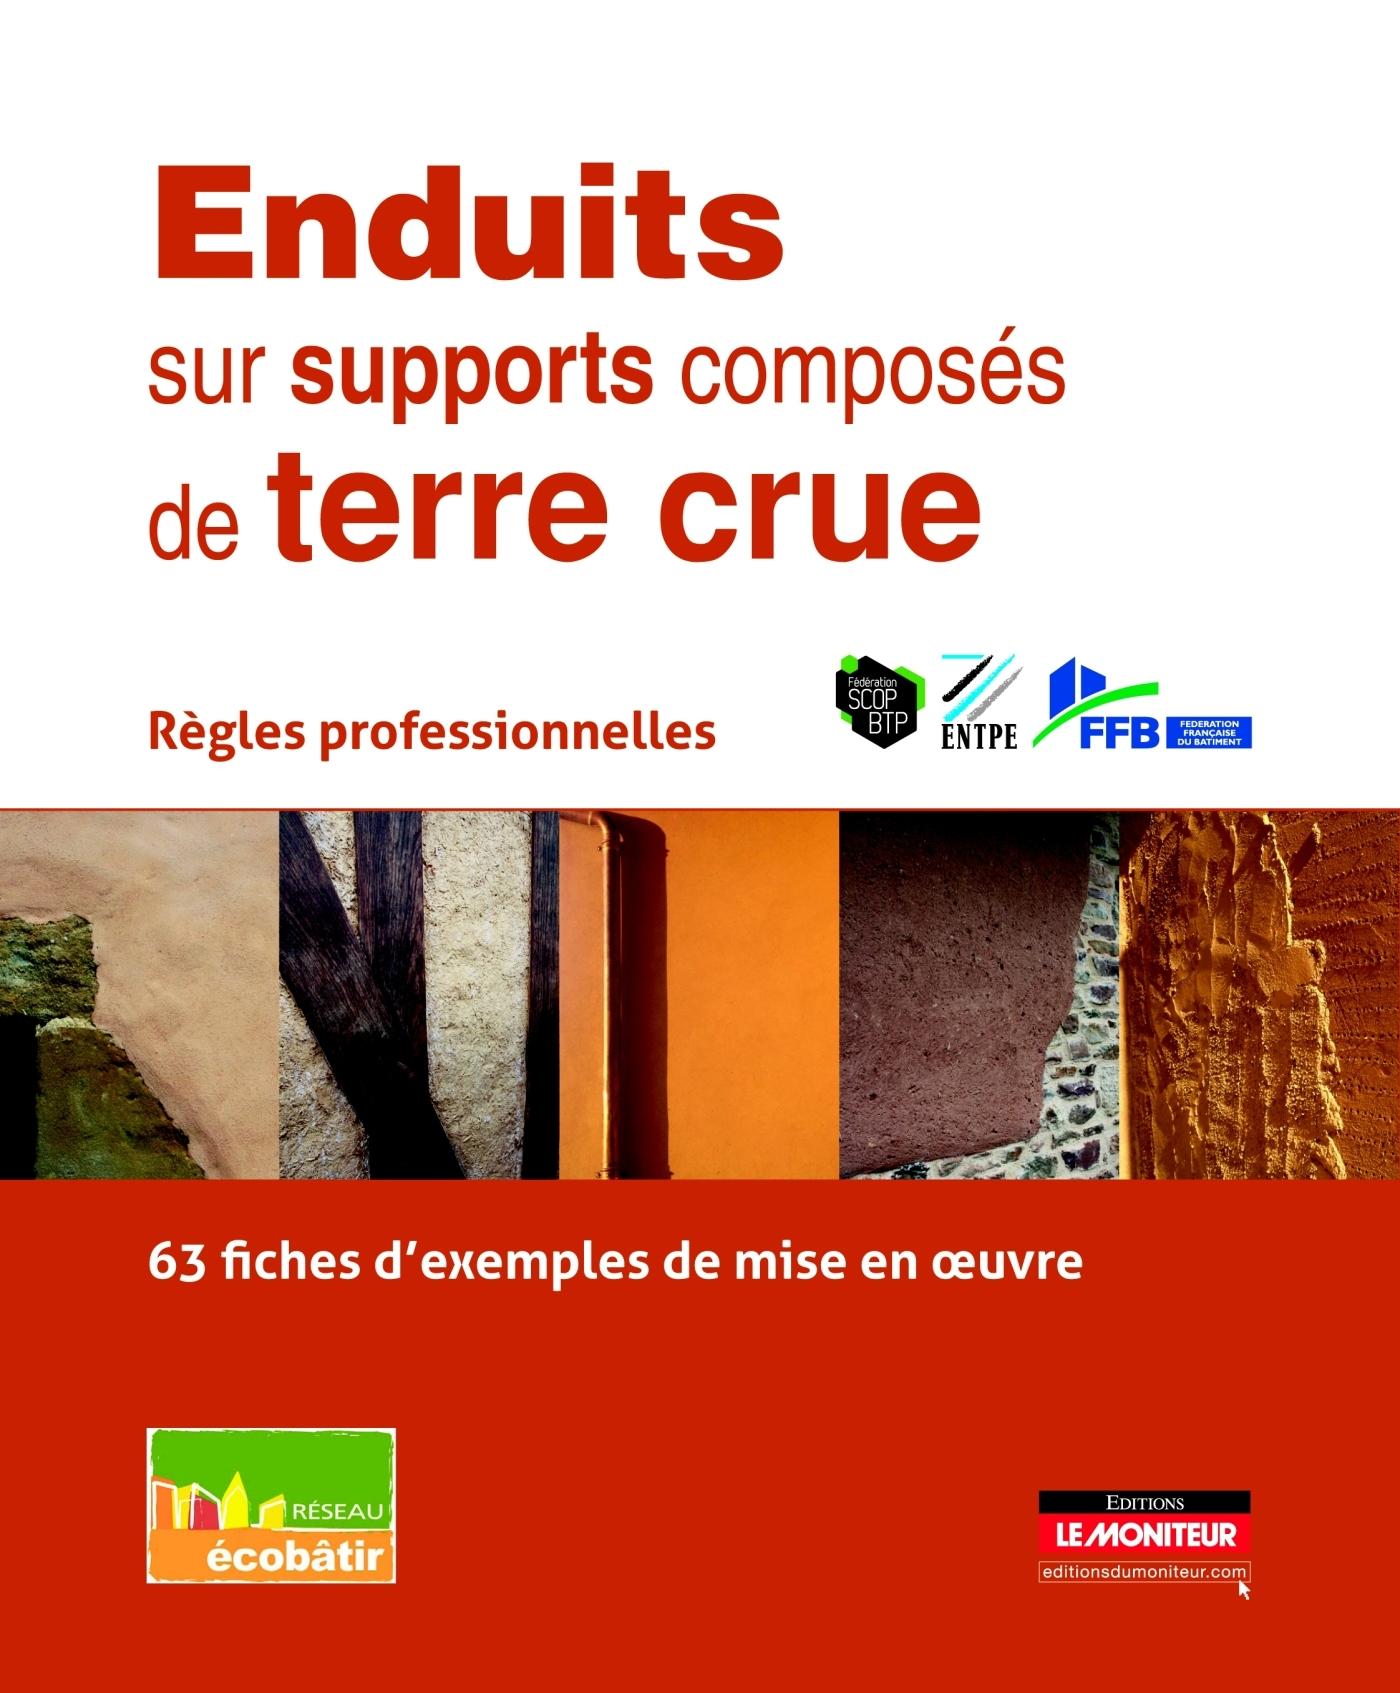 ENDUITS SUR SUPPORTS COMPOSES DE TERRE CRUE - REGLES PROFESSIONNELLES - 63 FICHES D'EXEMPLES DE MISE